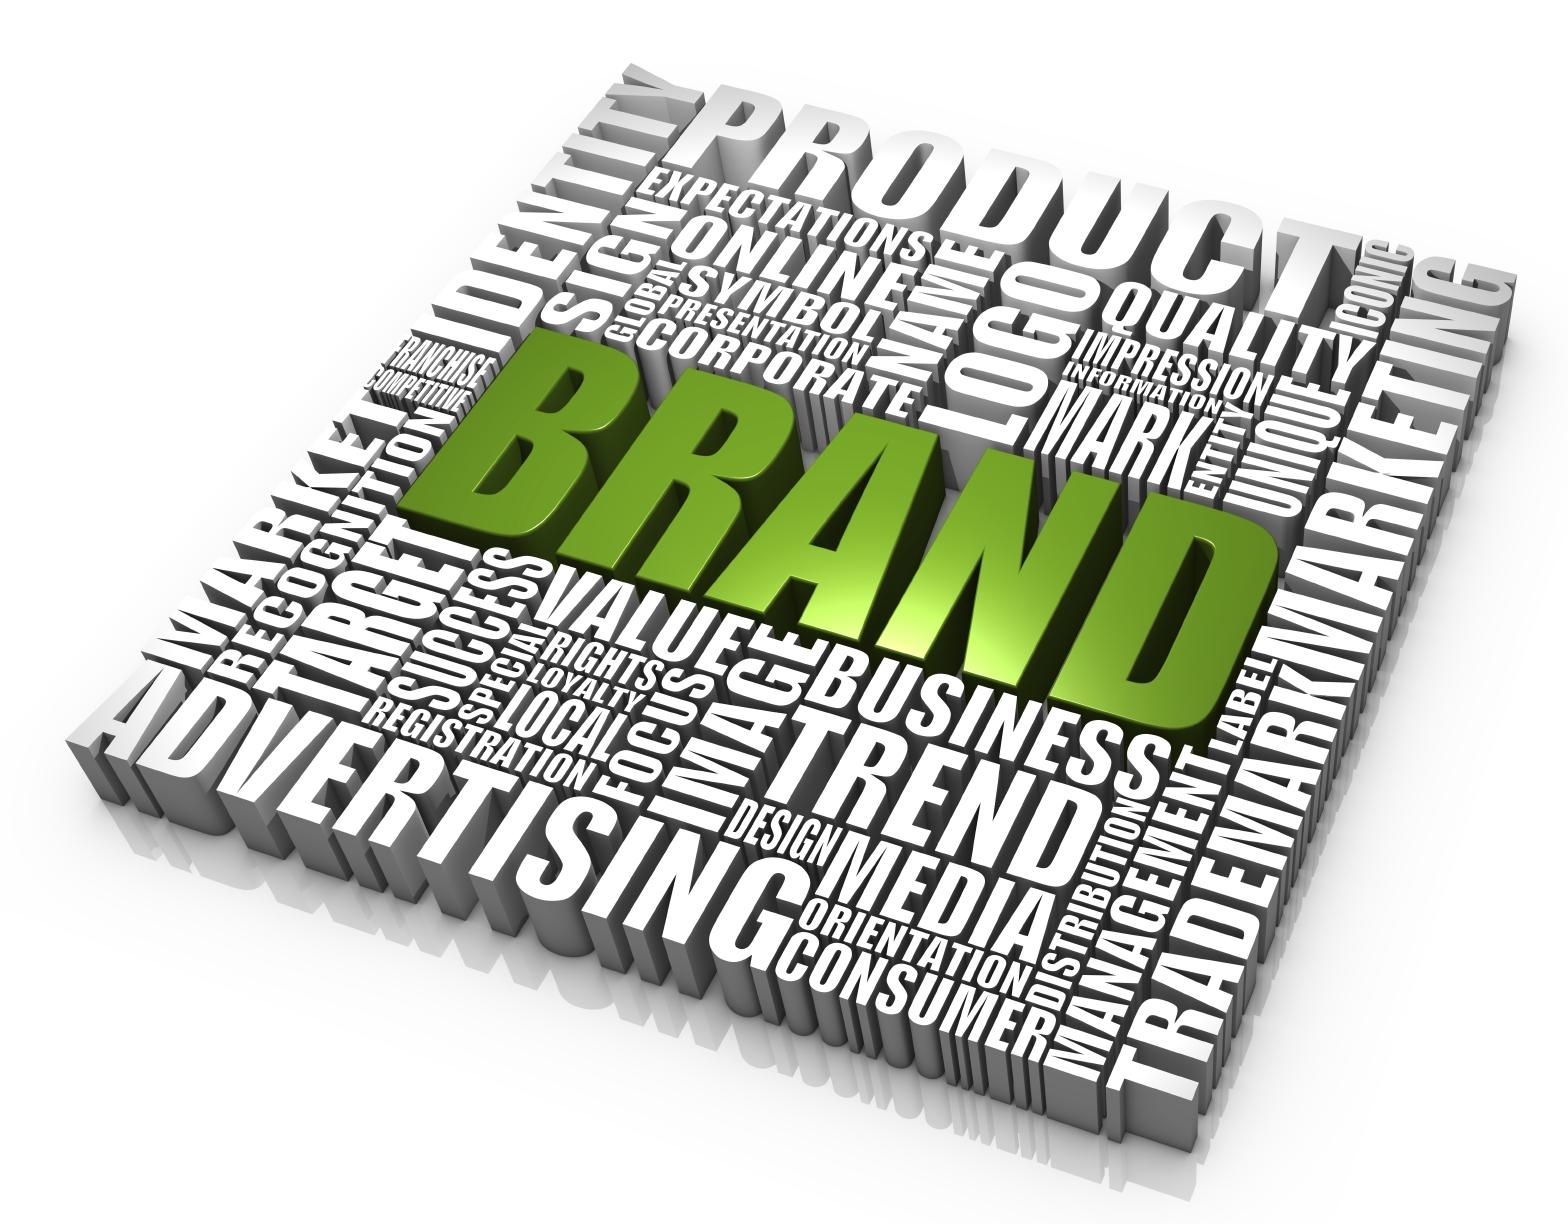 Dịch vụ đăng ký bảo hộ thương hiệu nhanh chóng – chuyên nghiệp